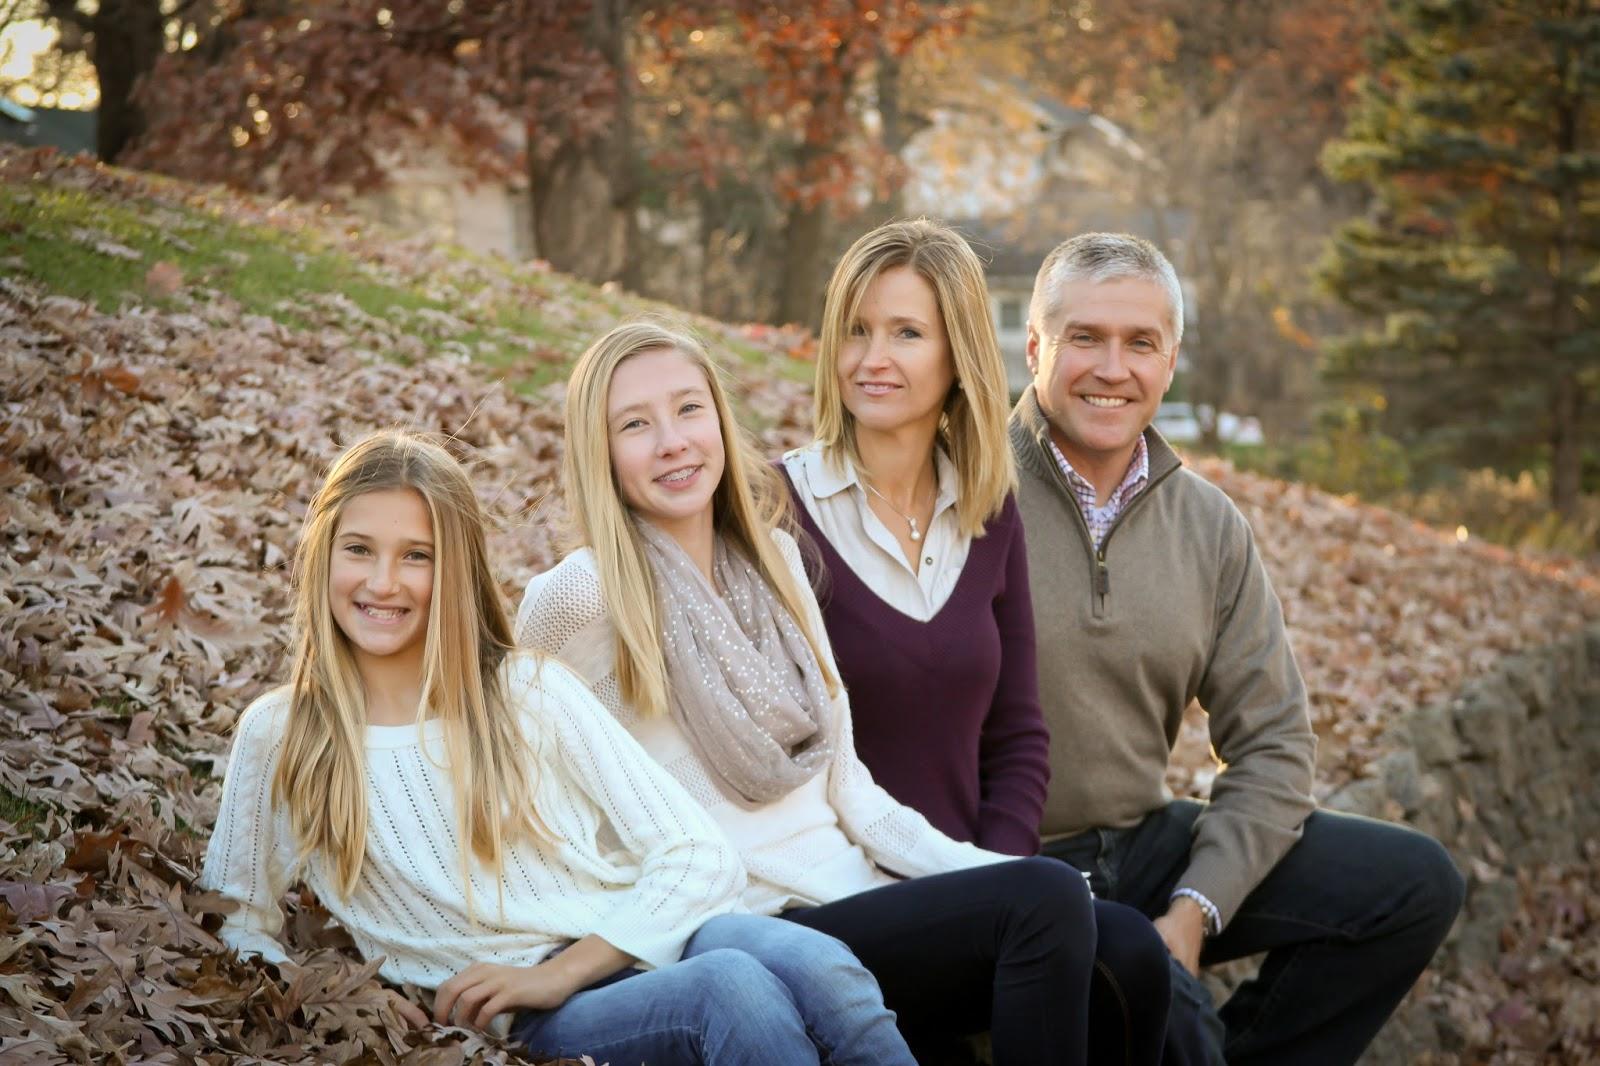 Family Photo Shoot Murdocks Mama Photos On Fridaym Family Photoshoot